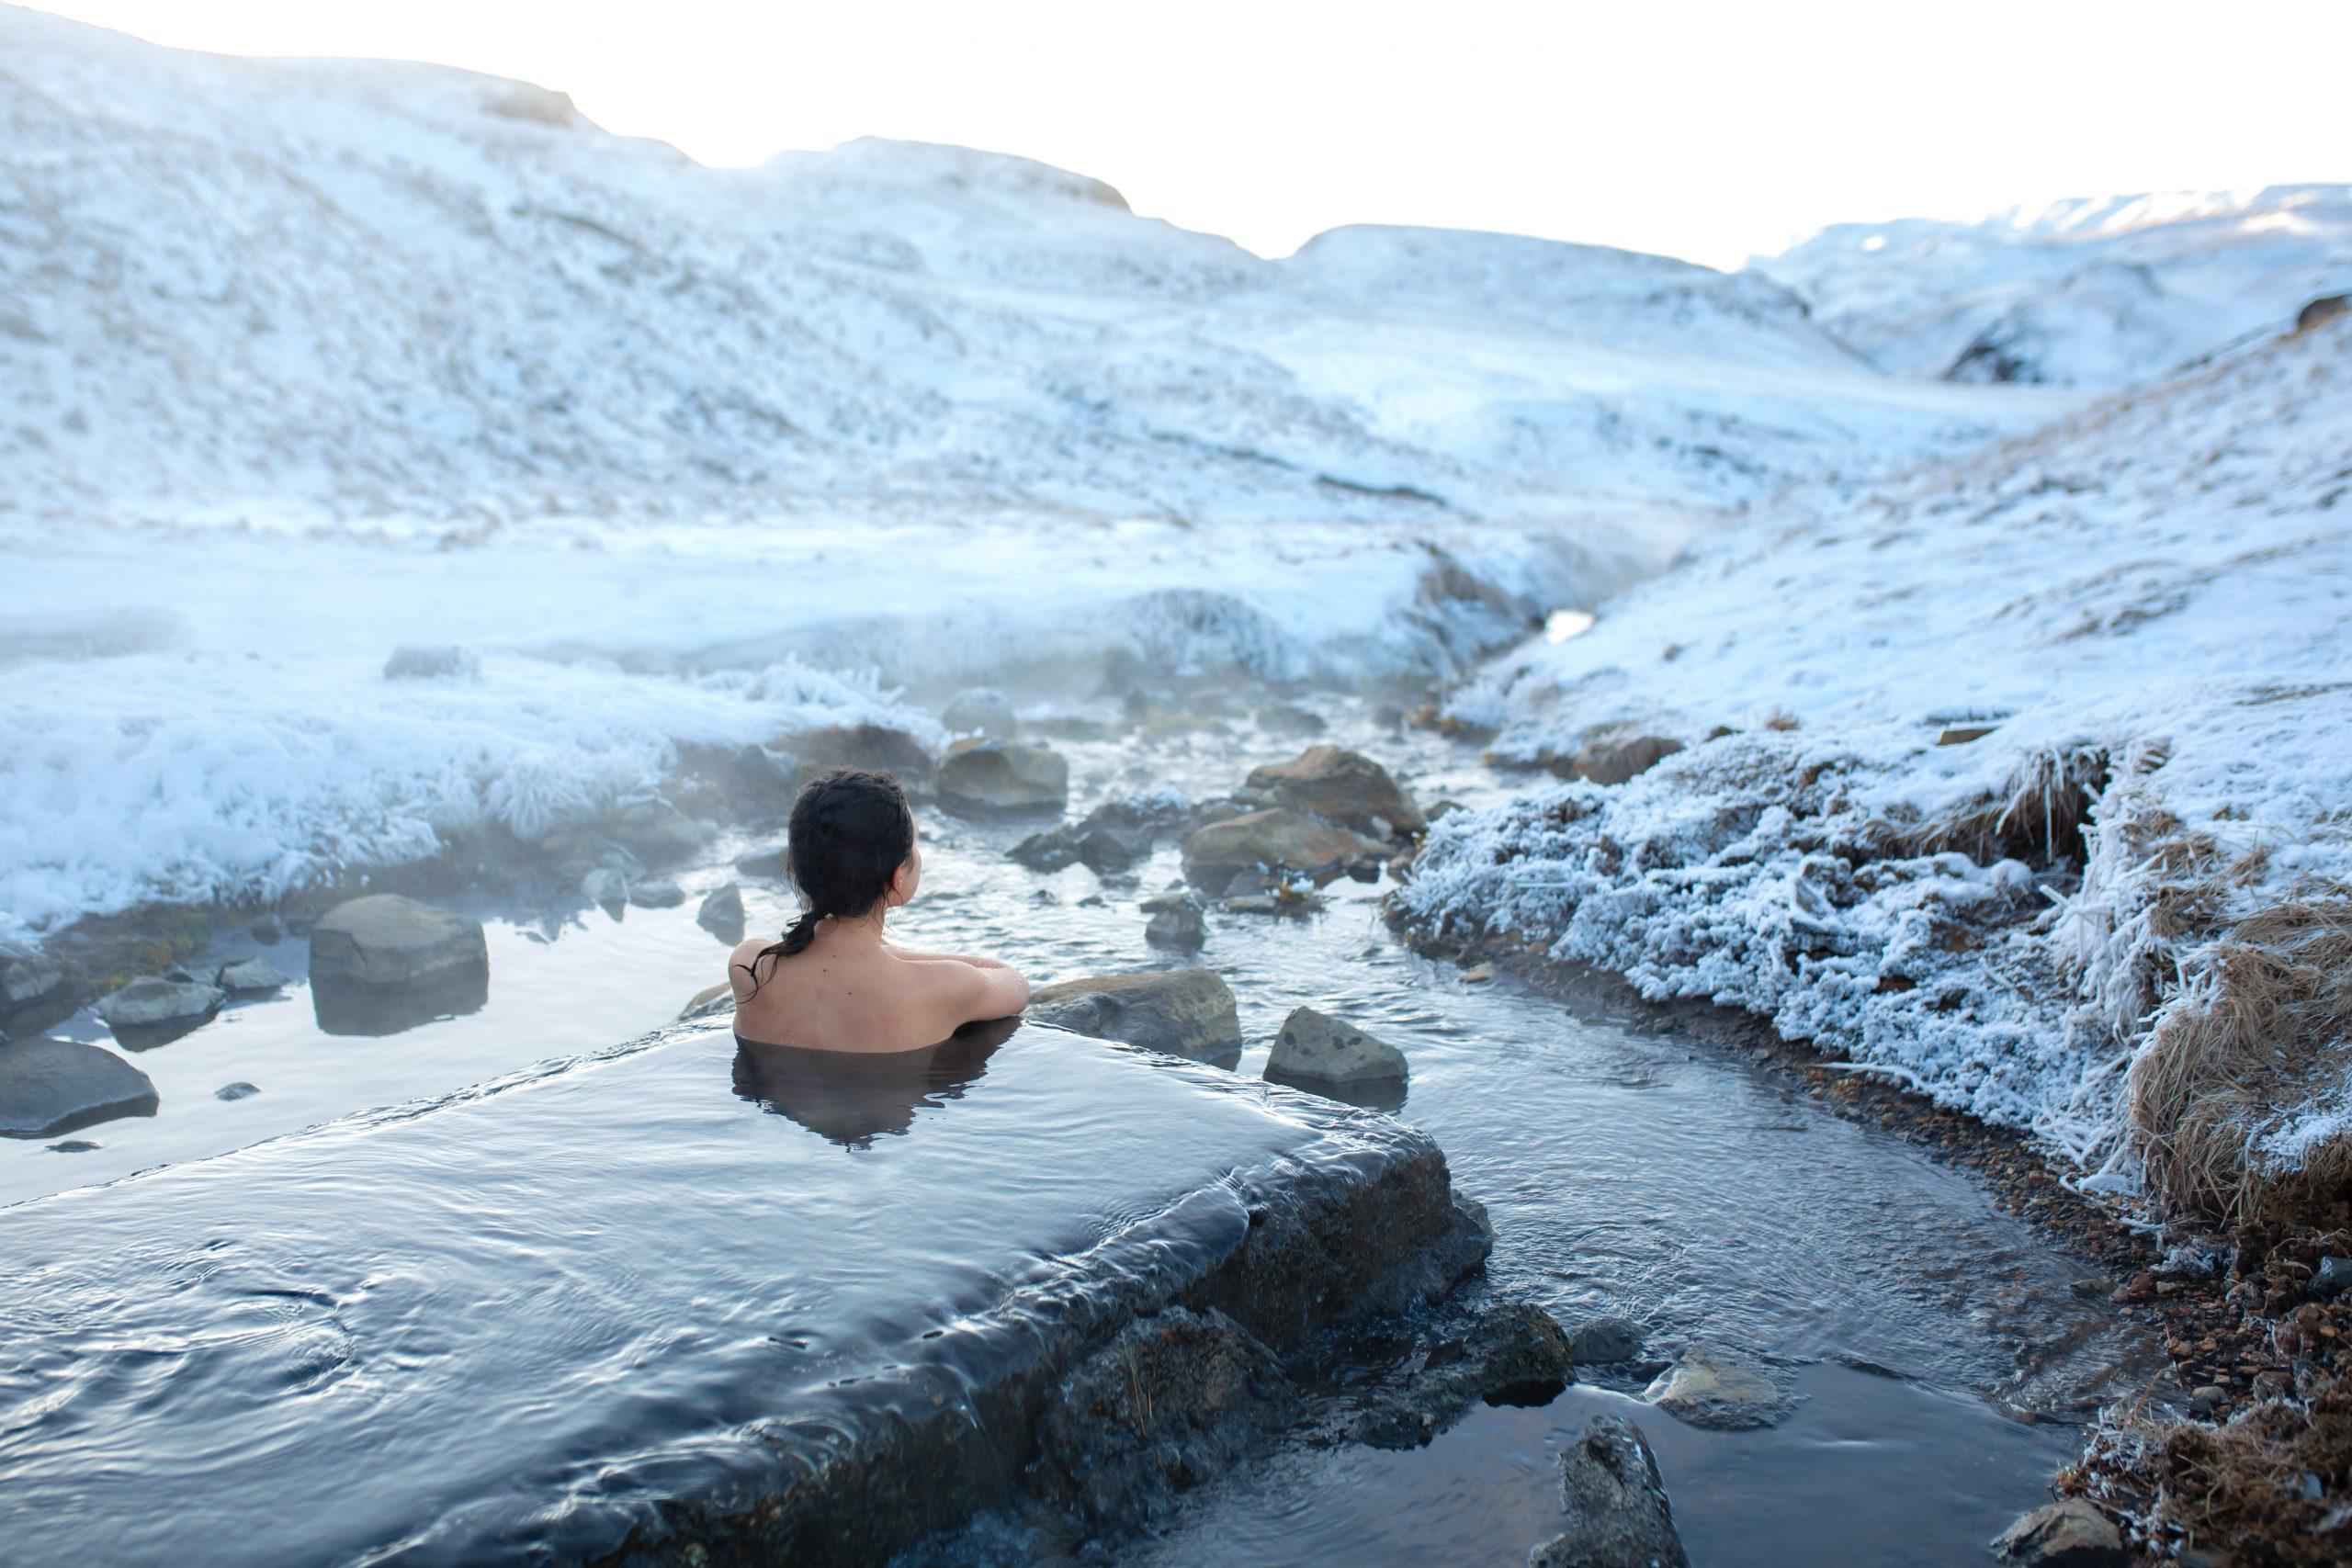 Kobieta kąpie się w przeręblu w otoczeniu śniegu